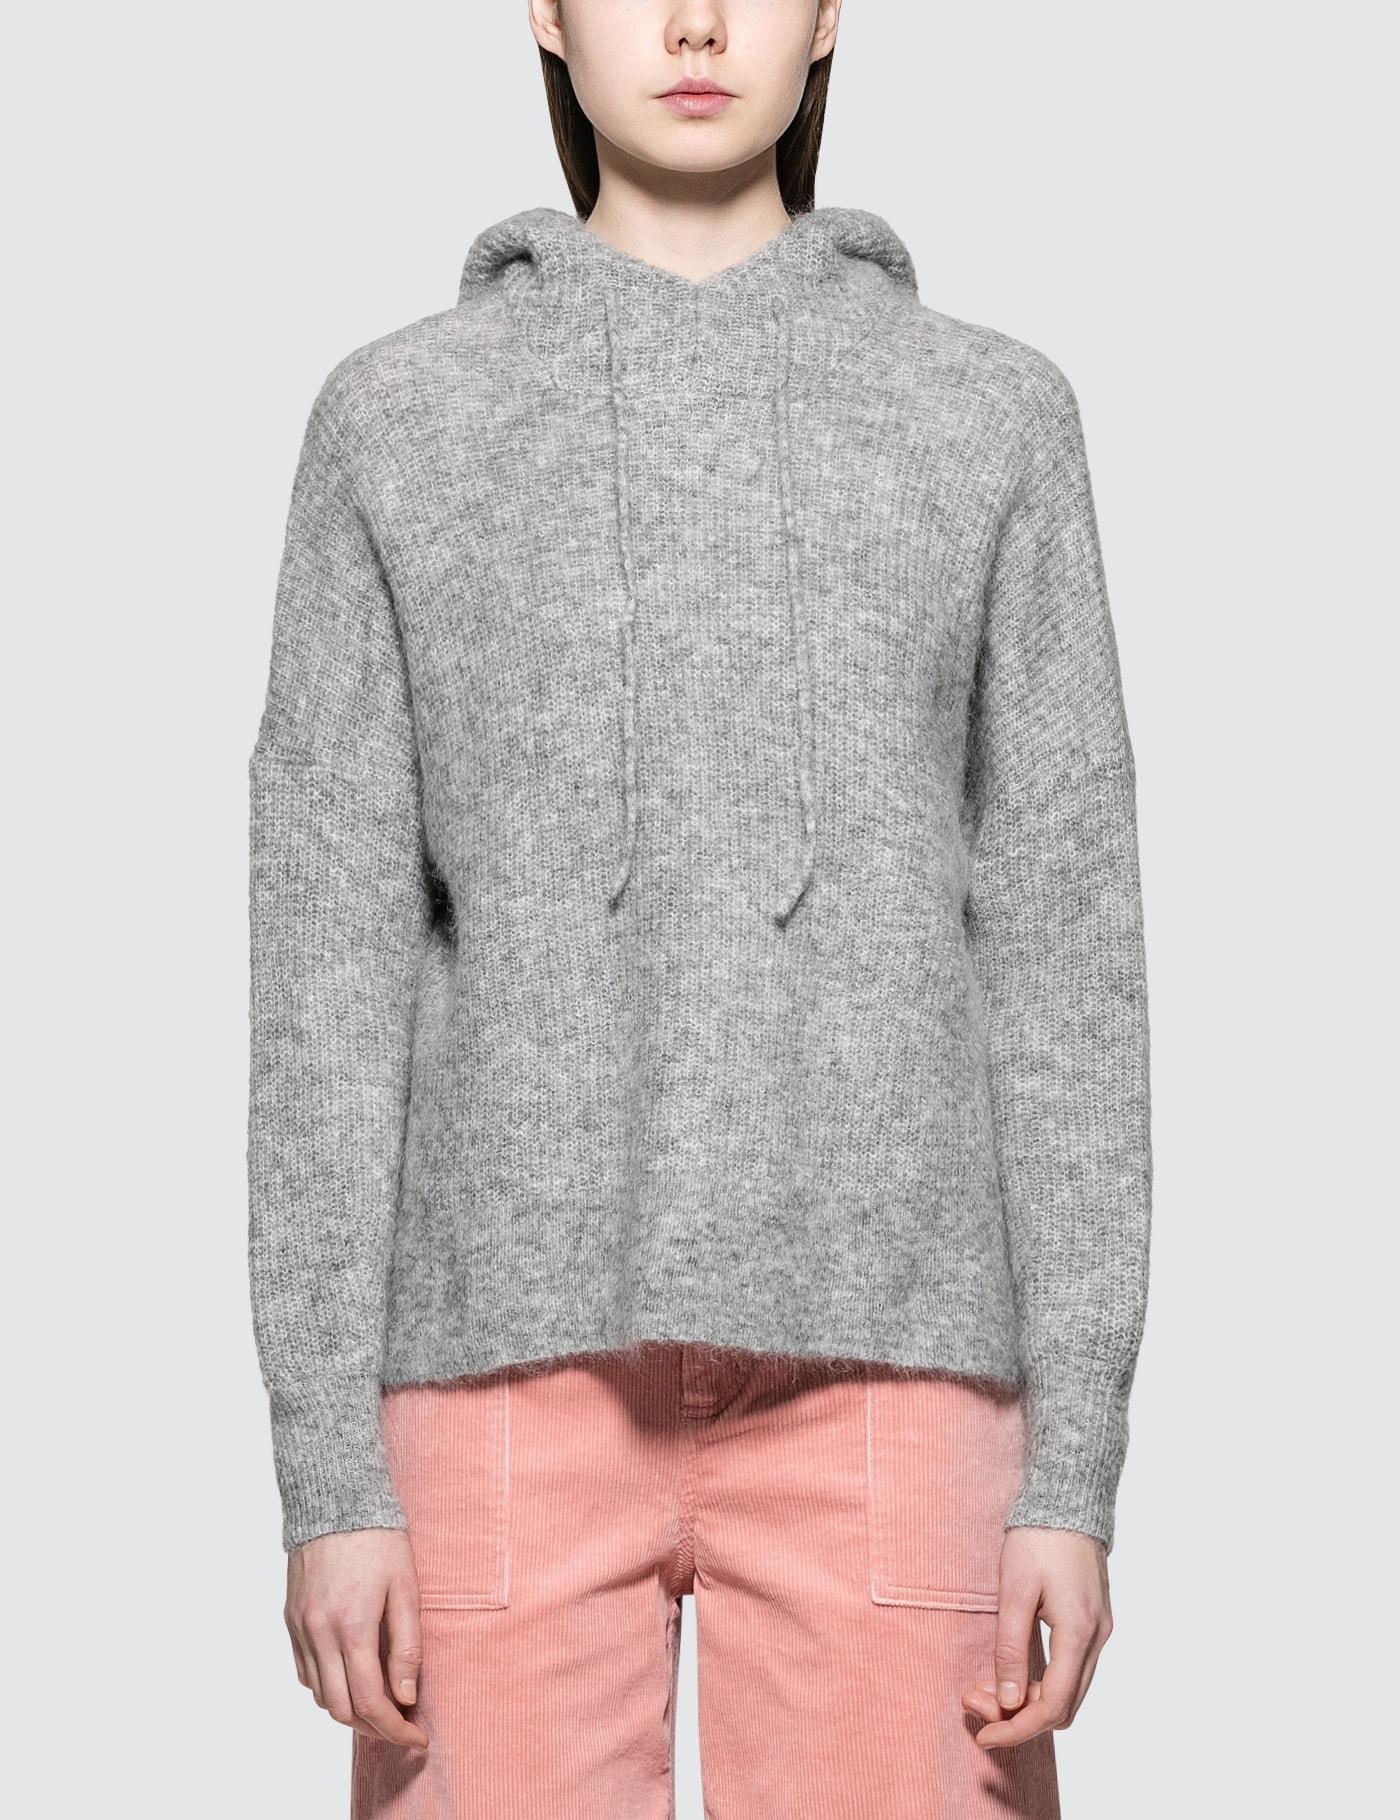 Callahan Knit Pullover